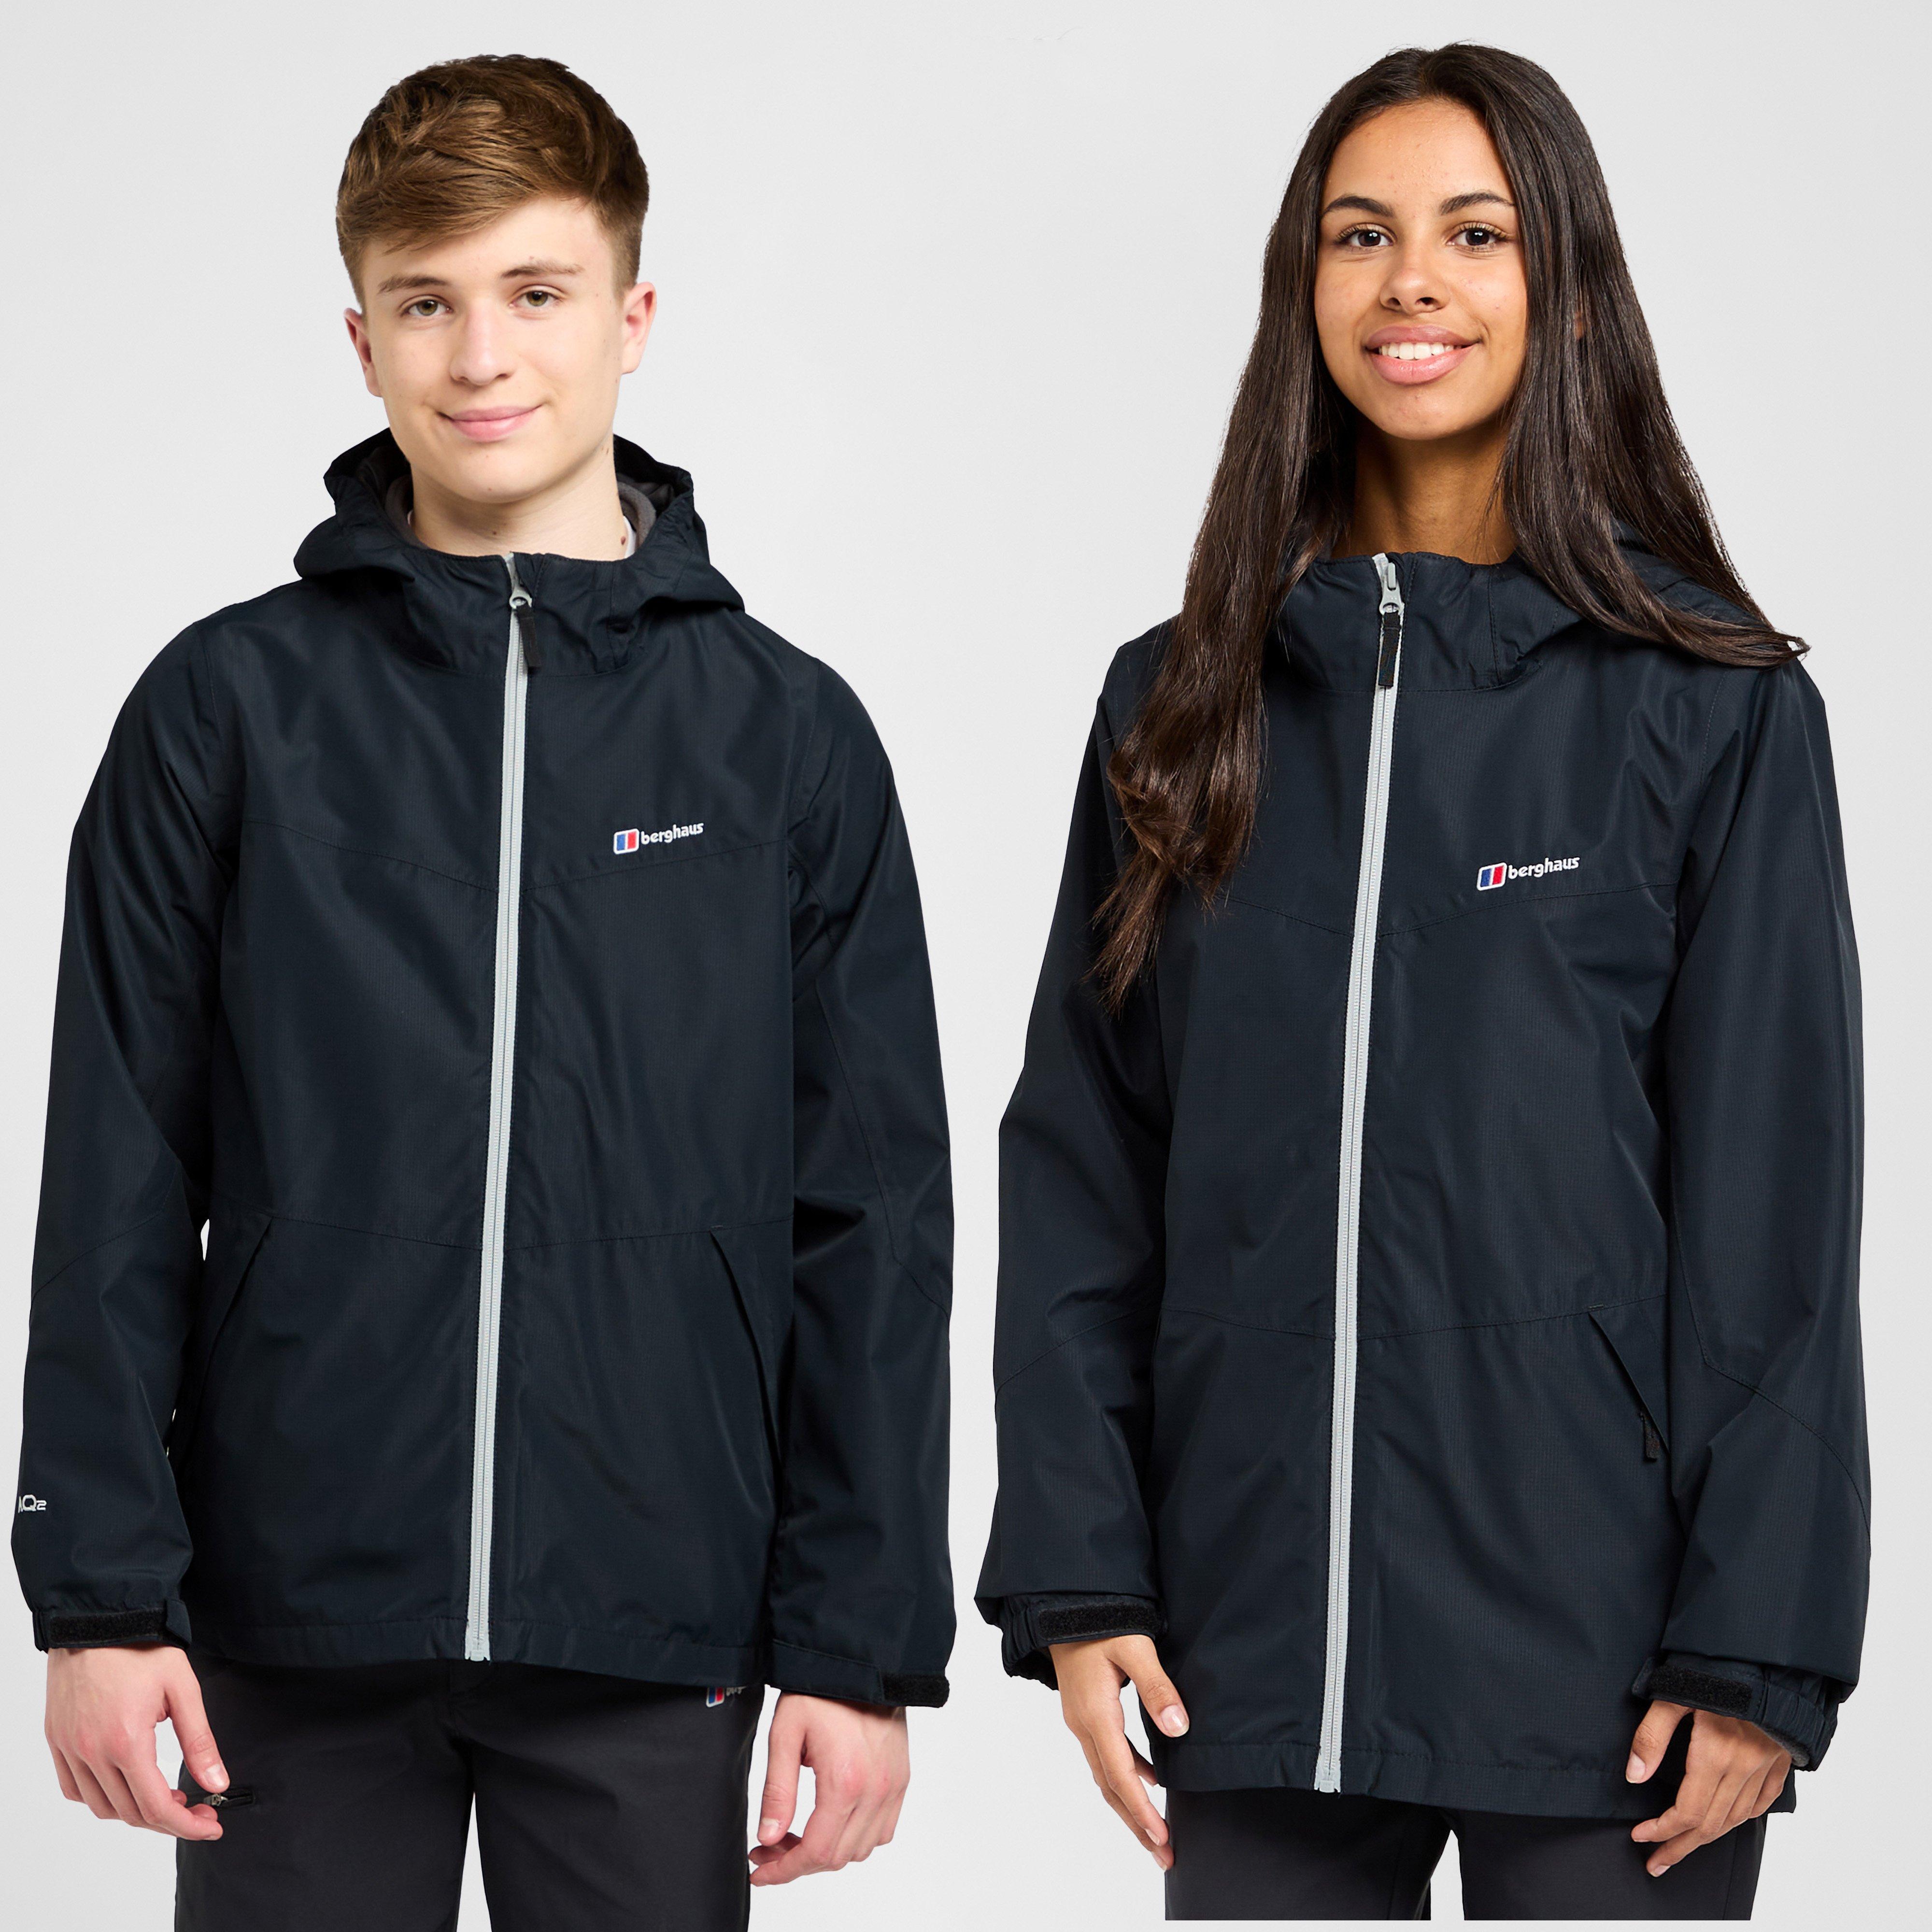 Berghaus Kids Stokesley 3in1 Jacket - Black/1blk  Black/1blk